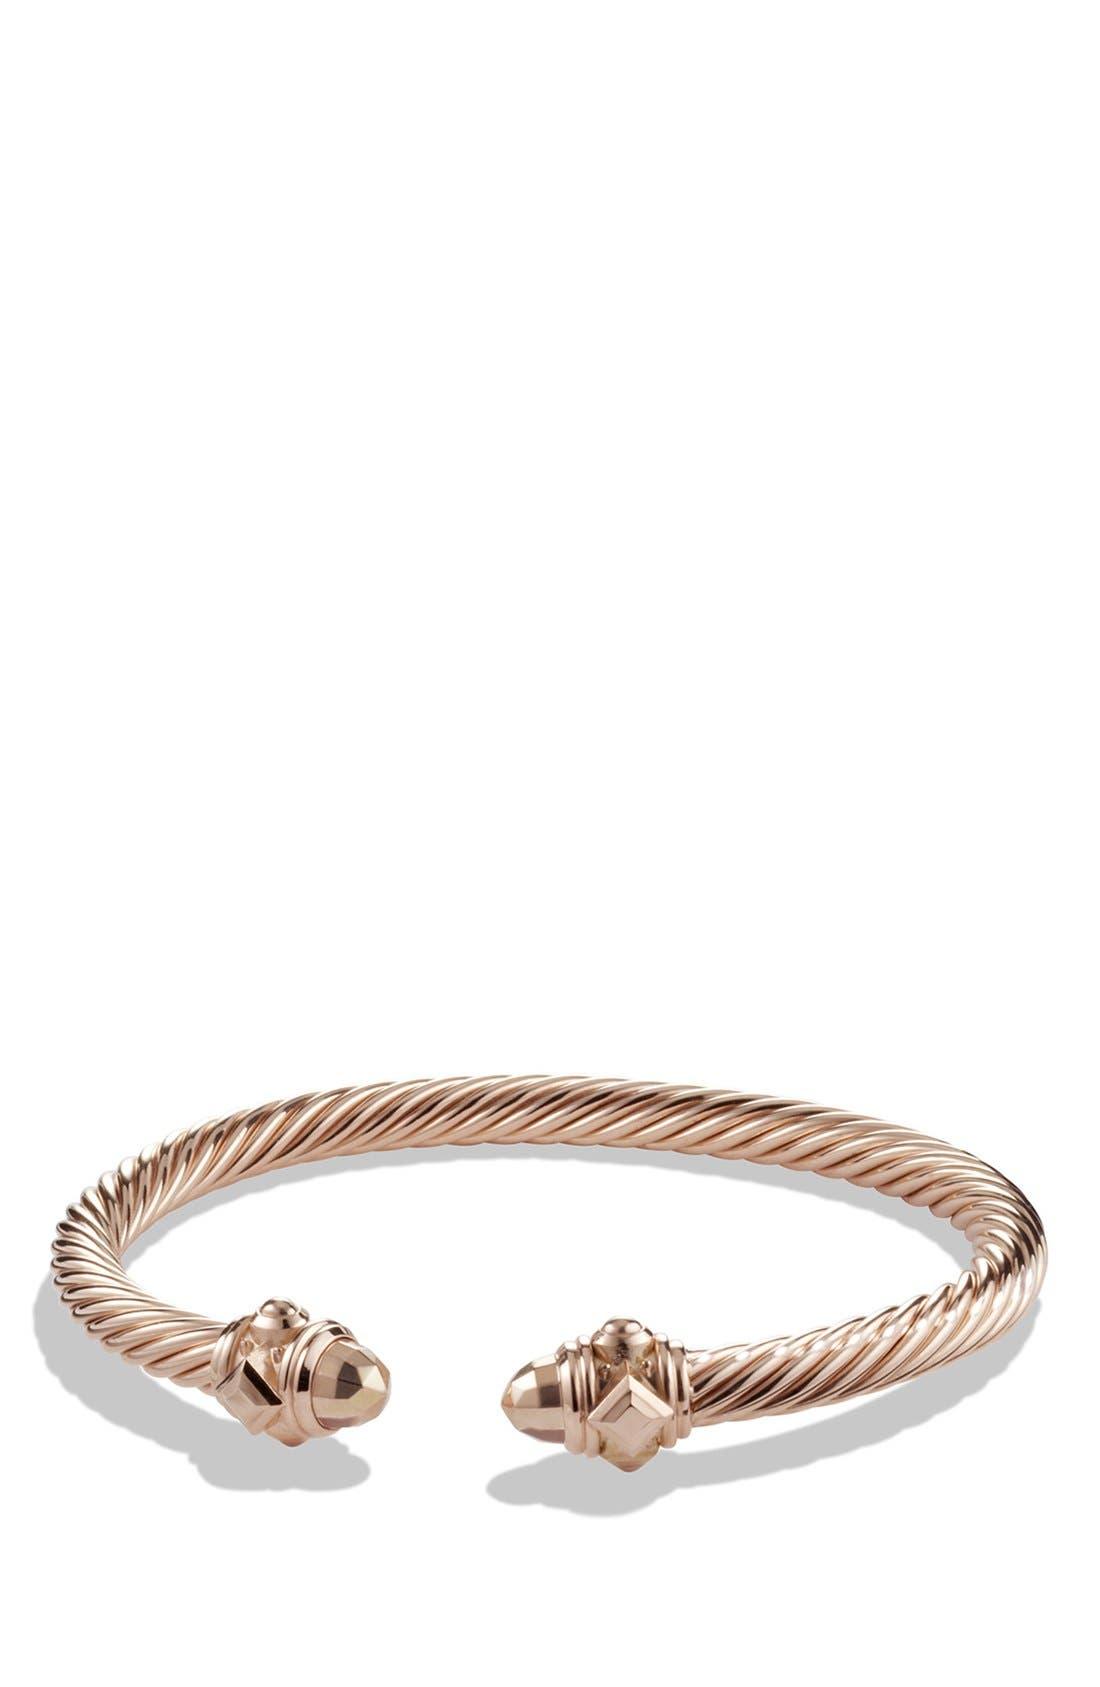 Main Image - David Yurman 'Renaissance' Bracelet in Rose Gold